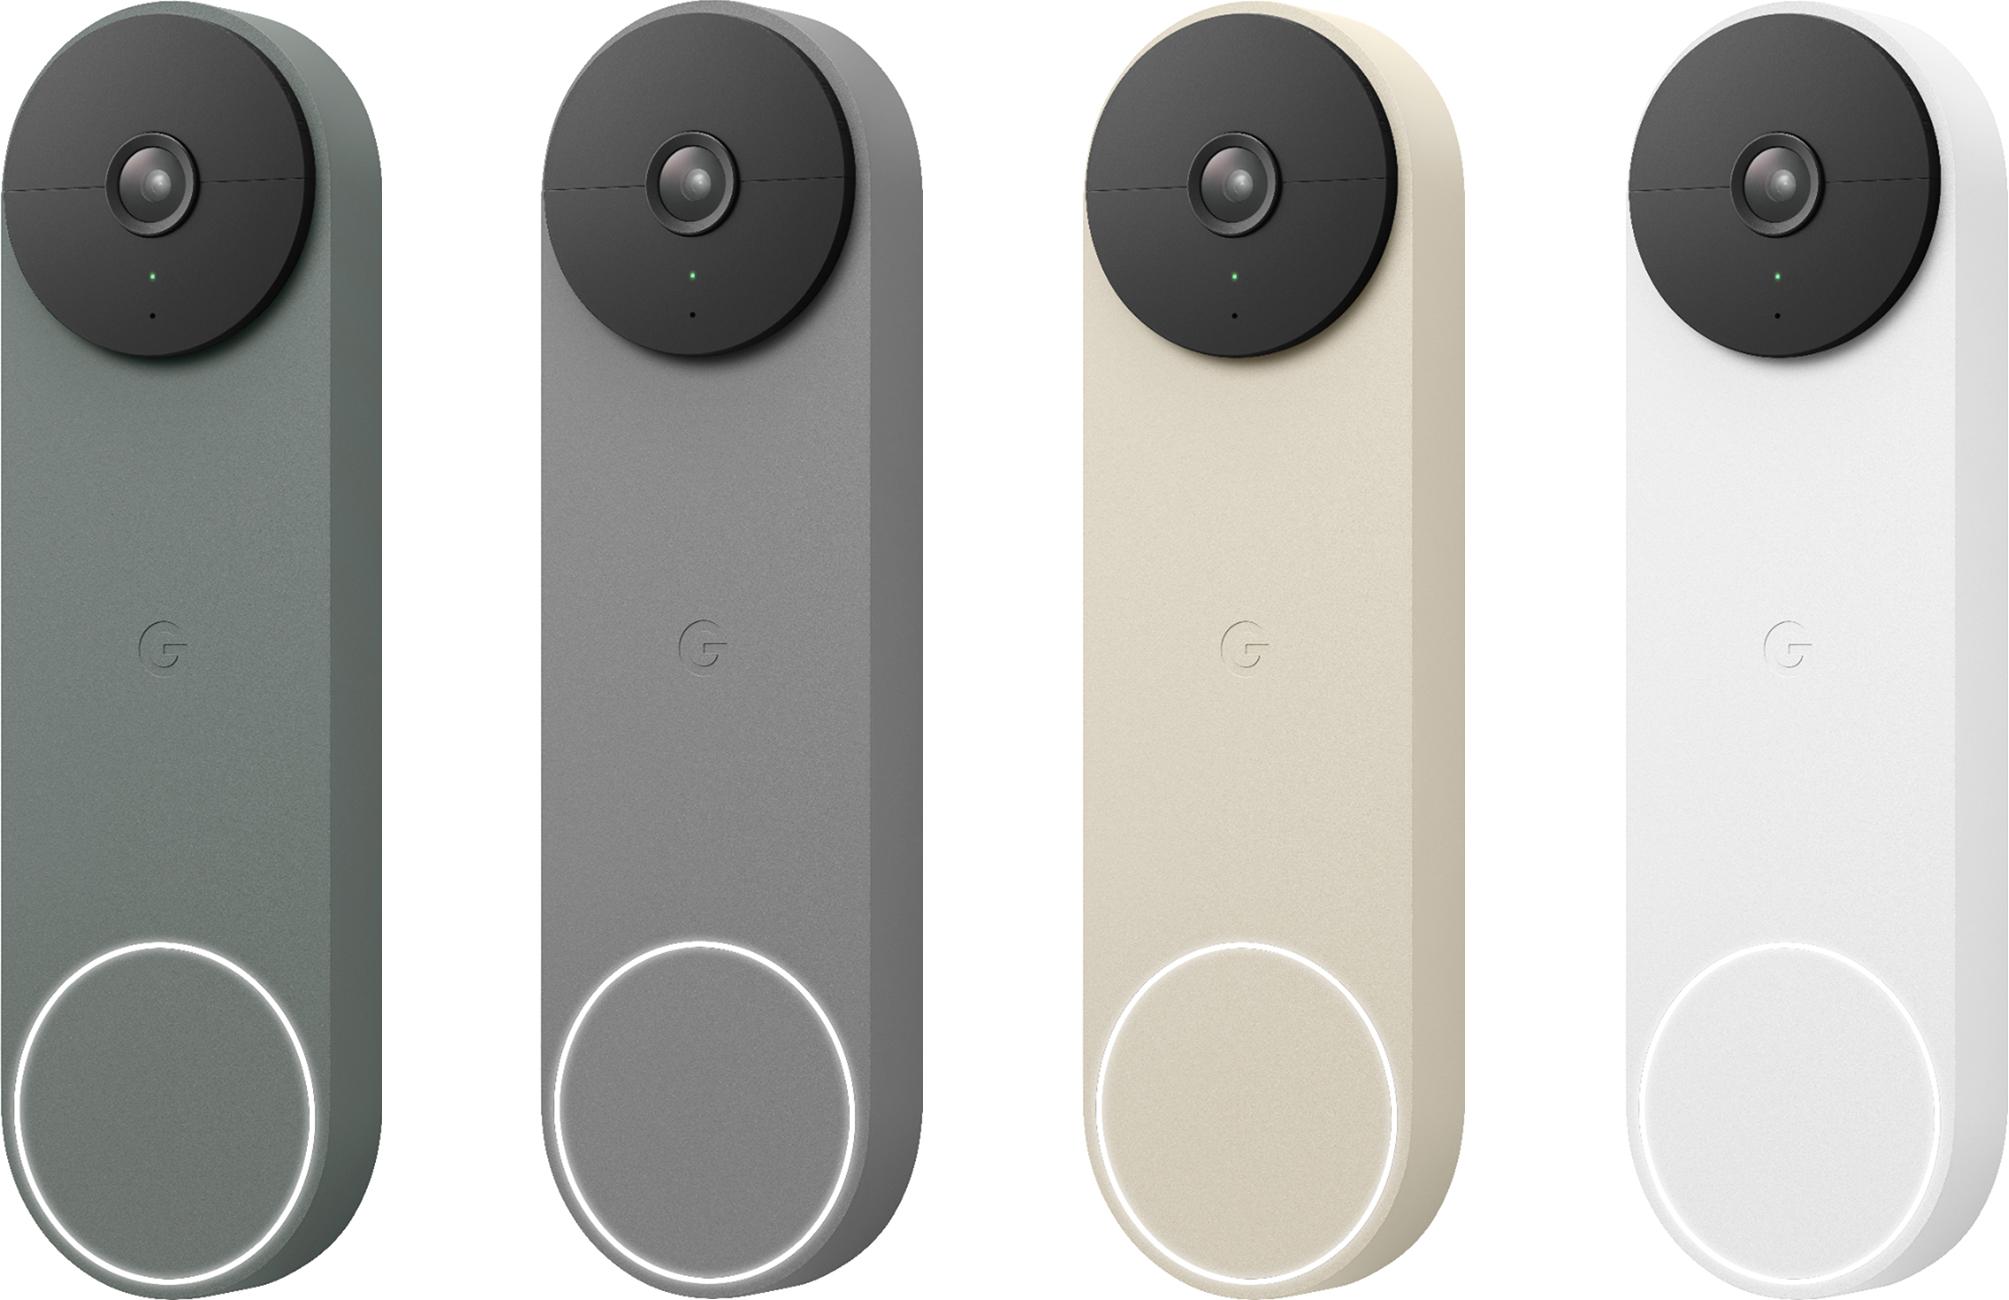 Google Video Doorbell